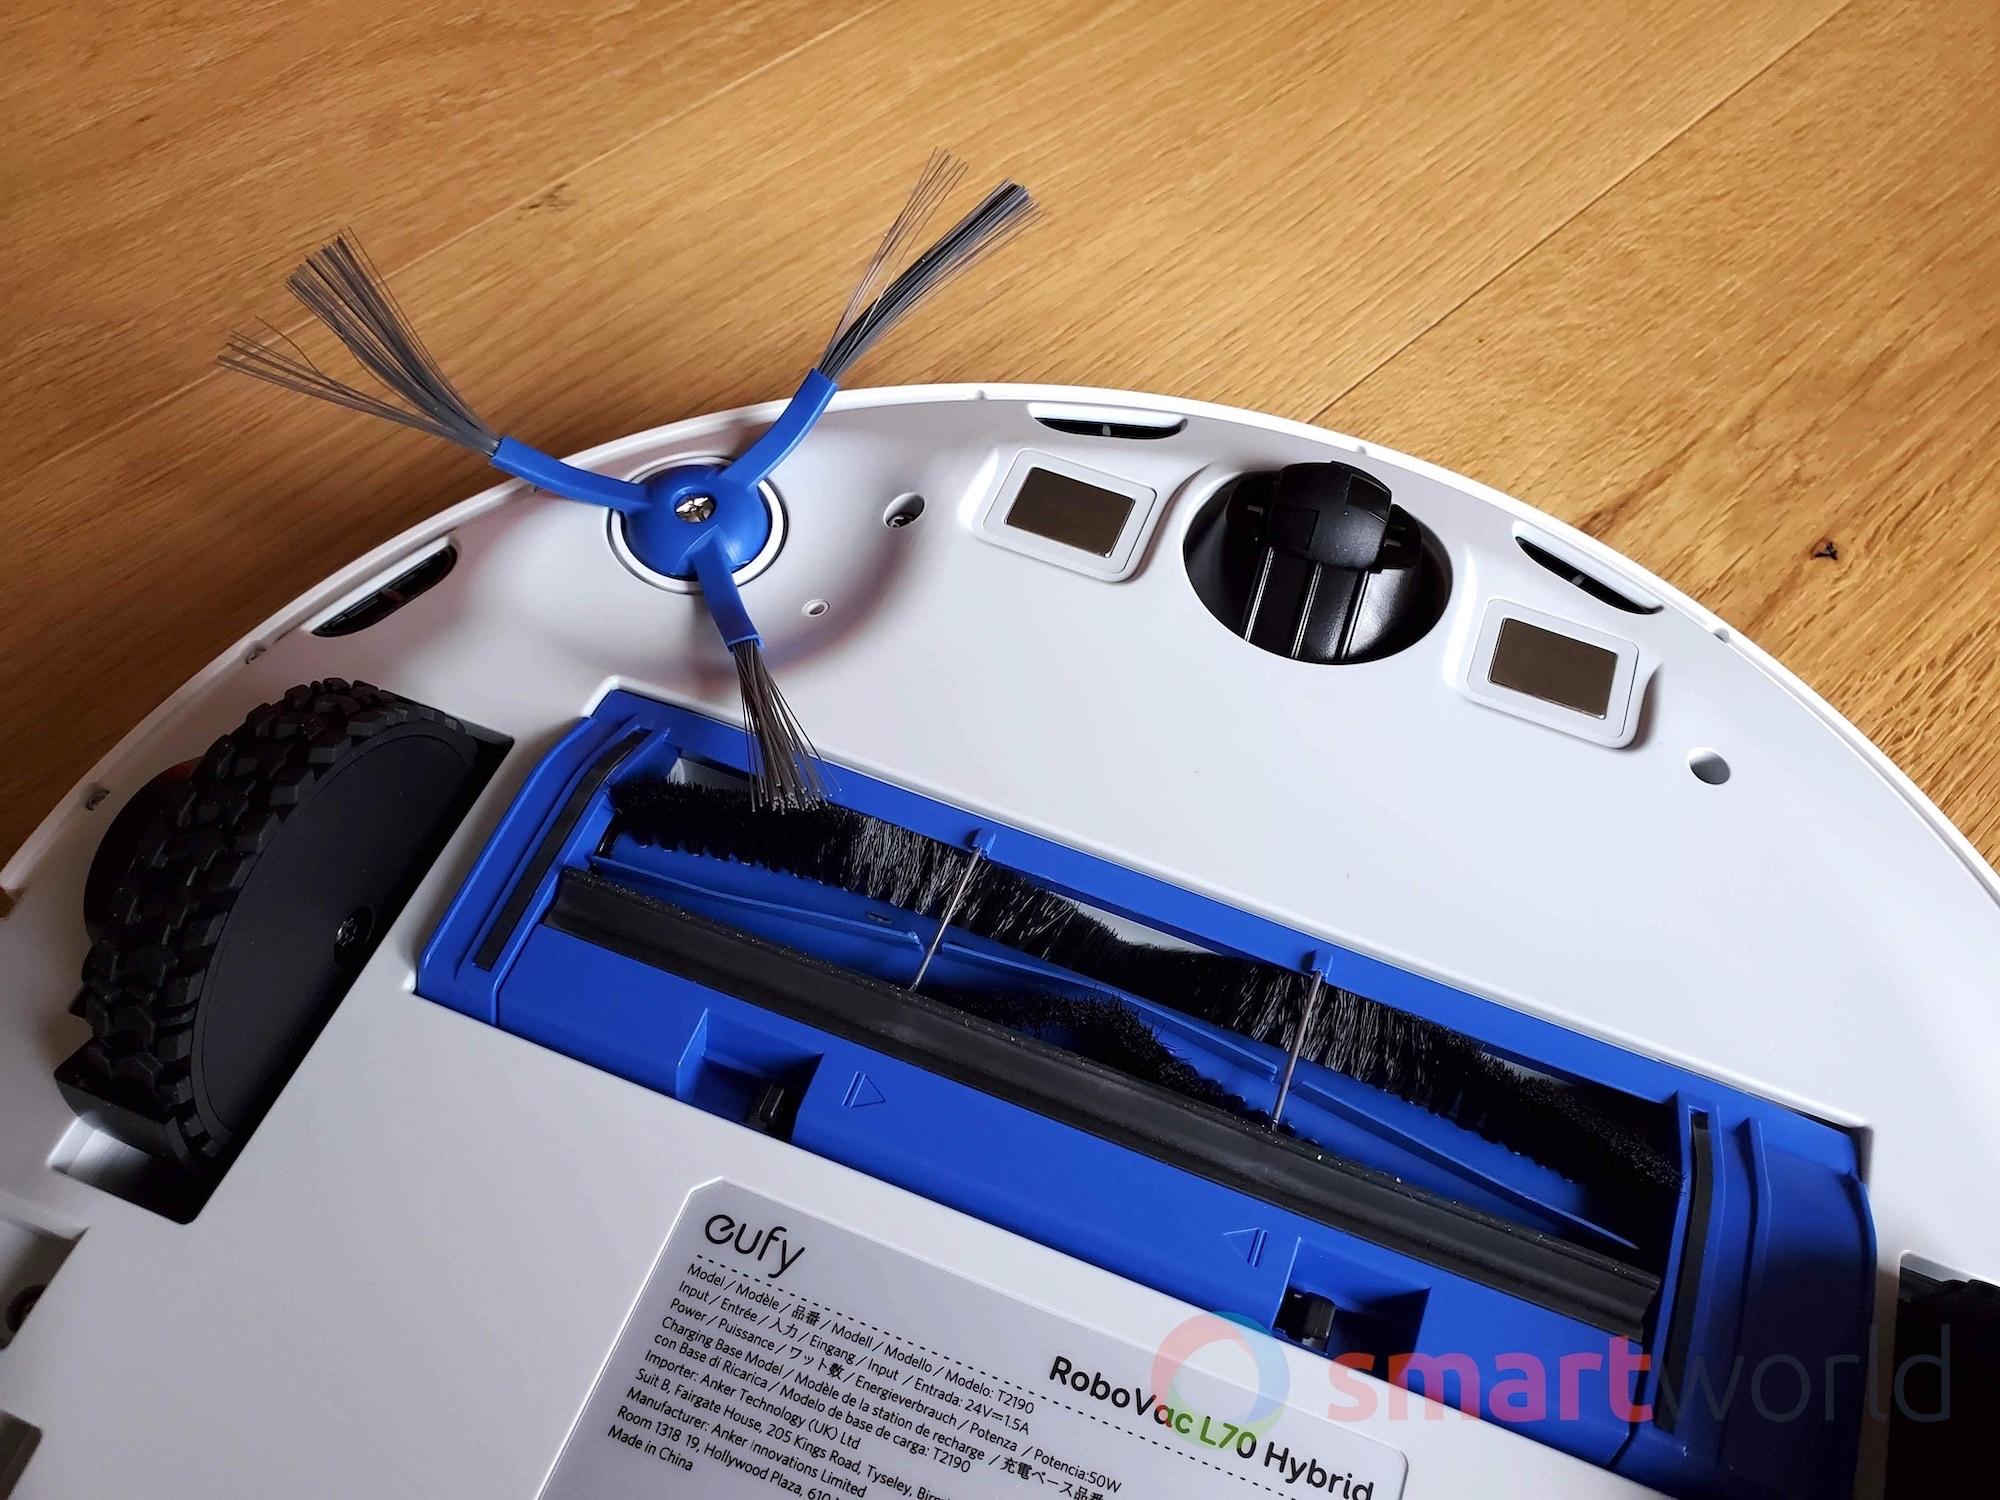 Eufy RoboVac L70 Hybrid 01